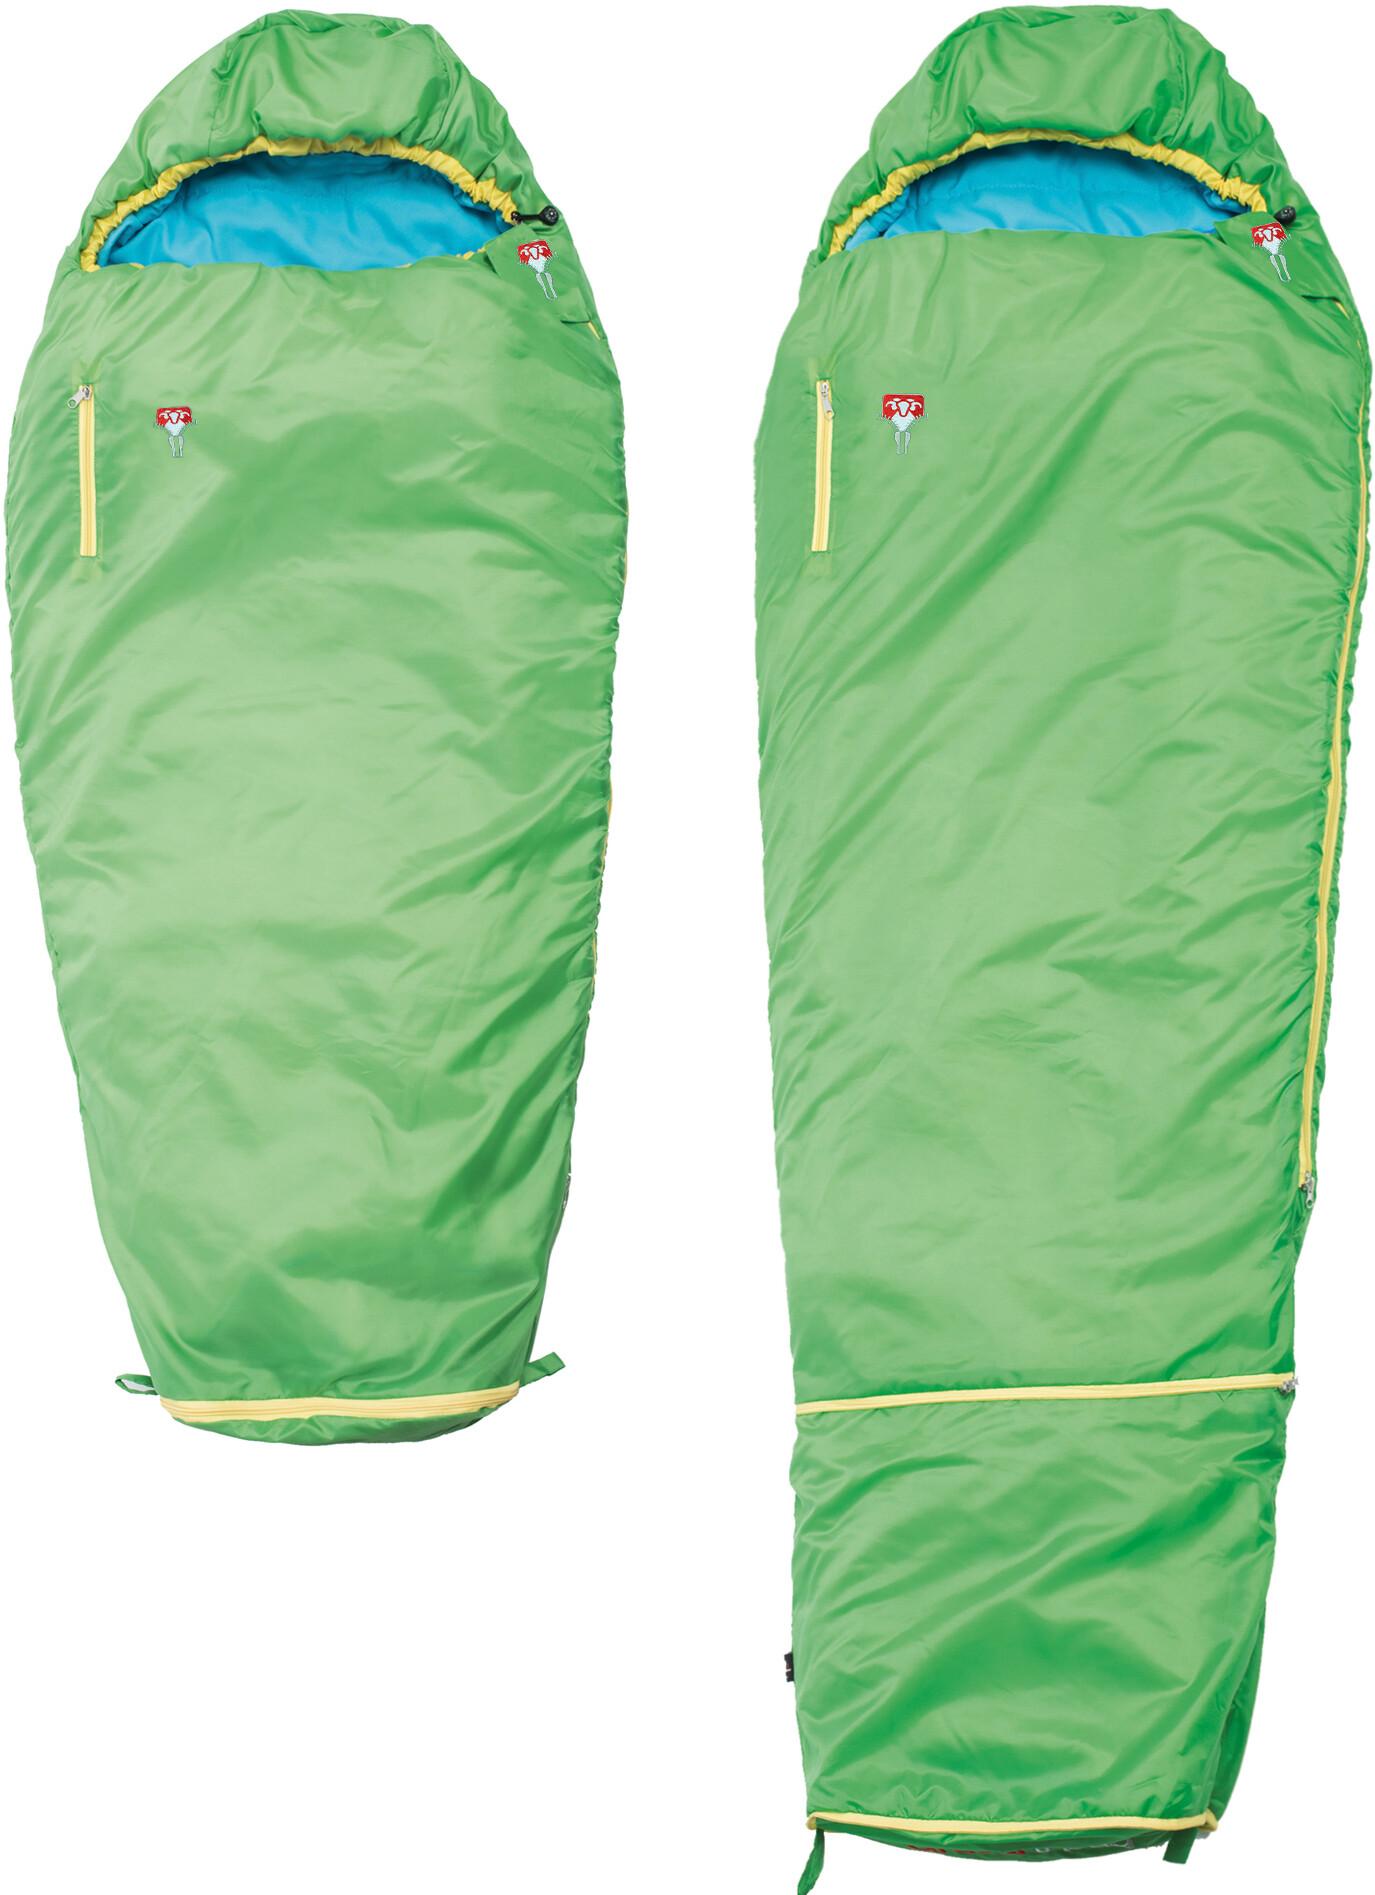 Grüezi-Bag Grow Colorful Sovepose Børn, gecko green | Transport og opbevaring > Tilbehør